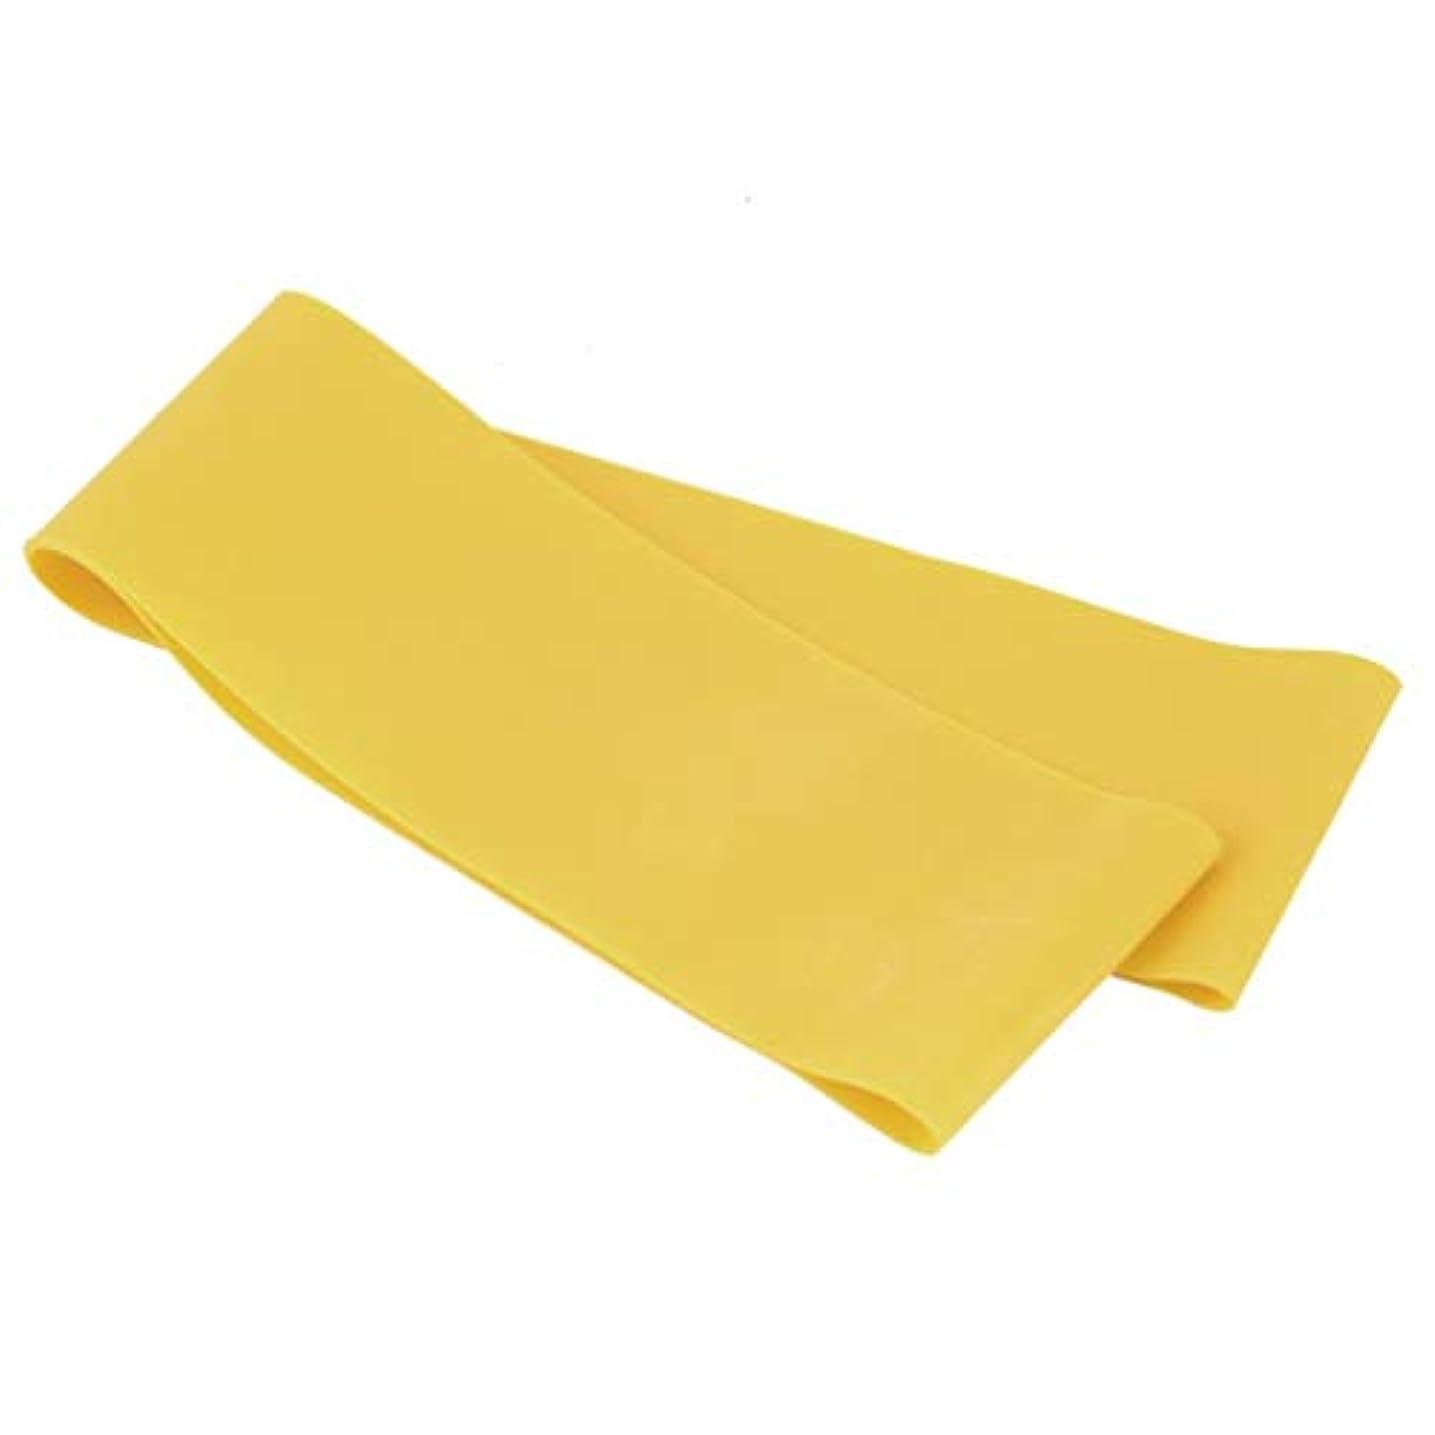 資産カメバルク滑り止めの伸縮性のあるゴム製伸縮性があるヨガのベルトバンド引きロープの張力抵抗バンドループ強さのためのフィットネスヨガツール - 黄色